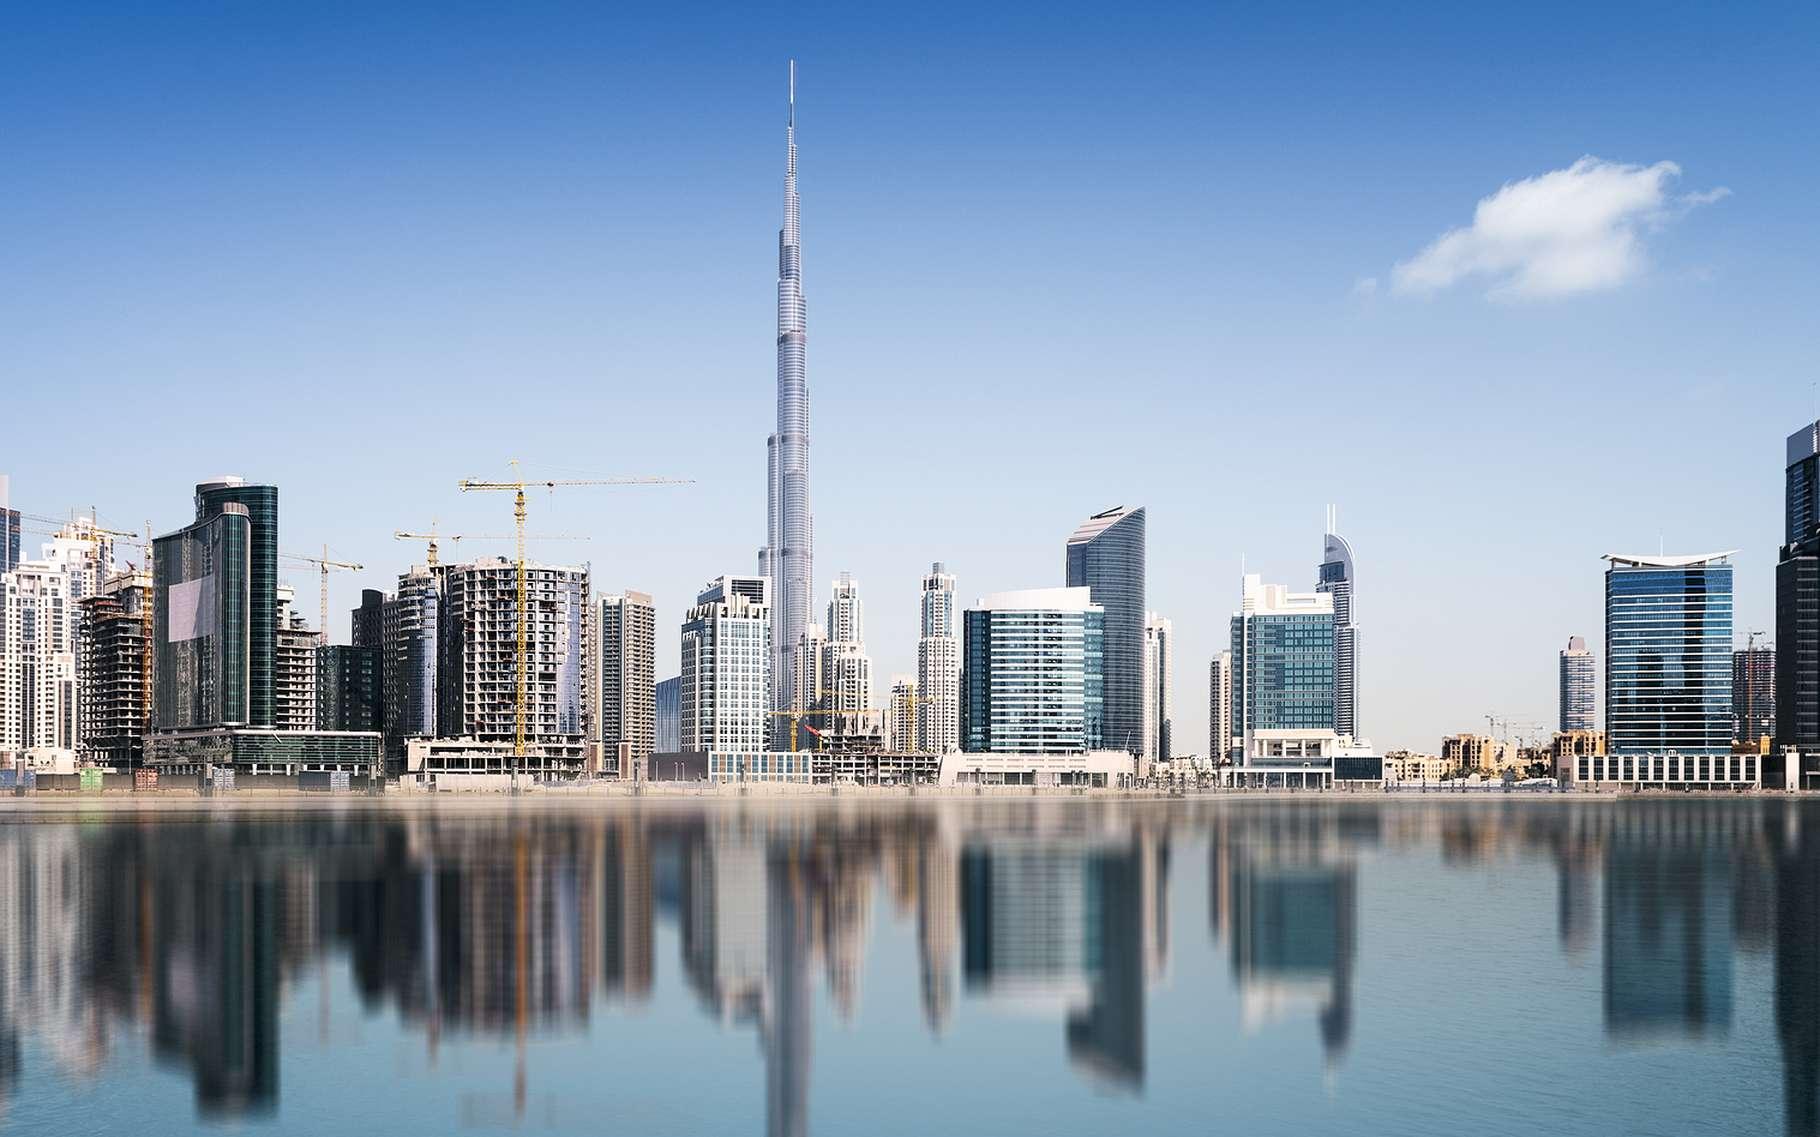 La Burj Khalifa, à Dubaï, mesure 828 mètres. C'est actuellement la tour la plus haute du monde mais elle devrait être battue par la Kingdom Tower. © ventdusud, Shutterstock